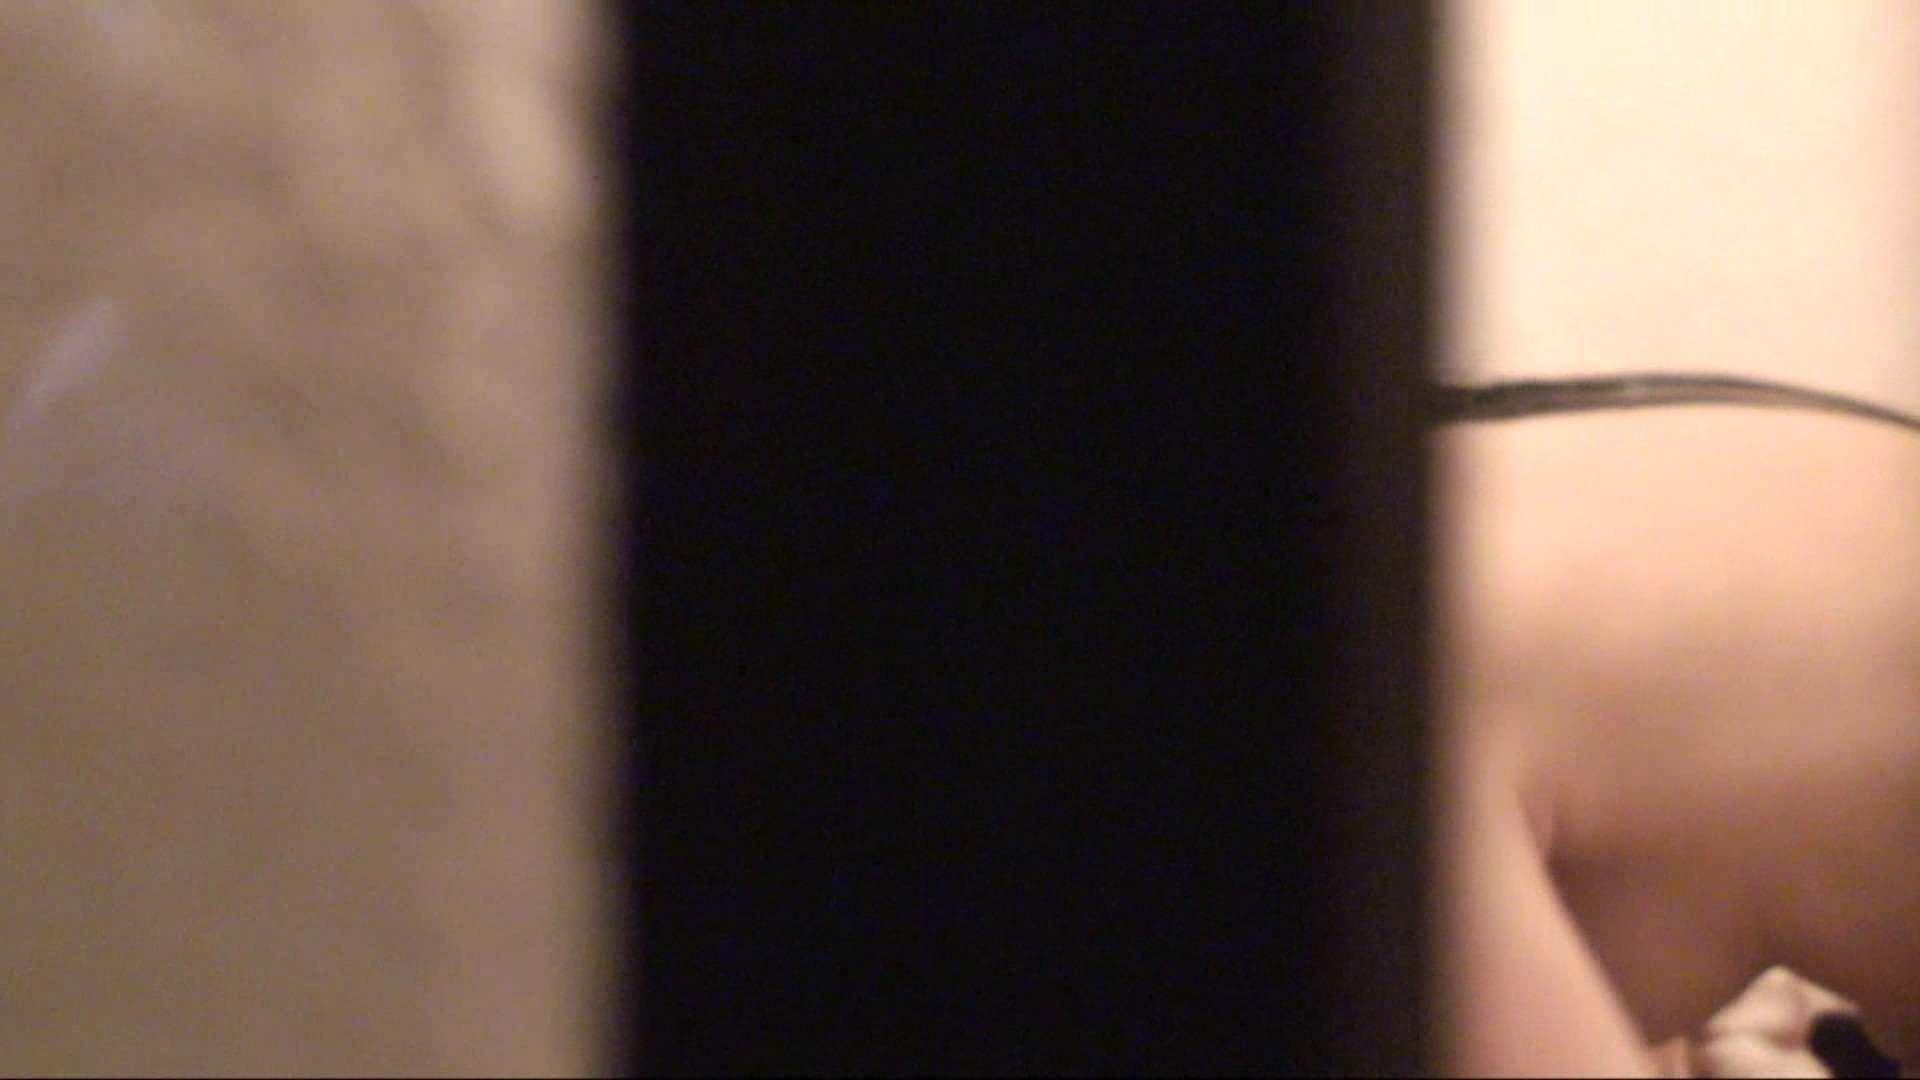 vol.01必見!白肌嬢の乳首が丸見え。極上美人のすっぴん顔をハイビジョンで! 色っぽいOL達 えろ無修正画像 89pic 44